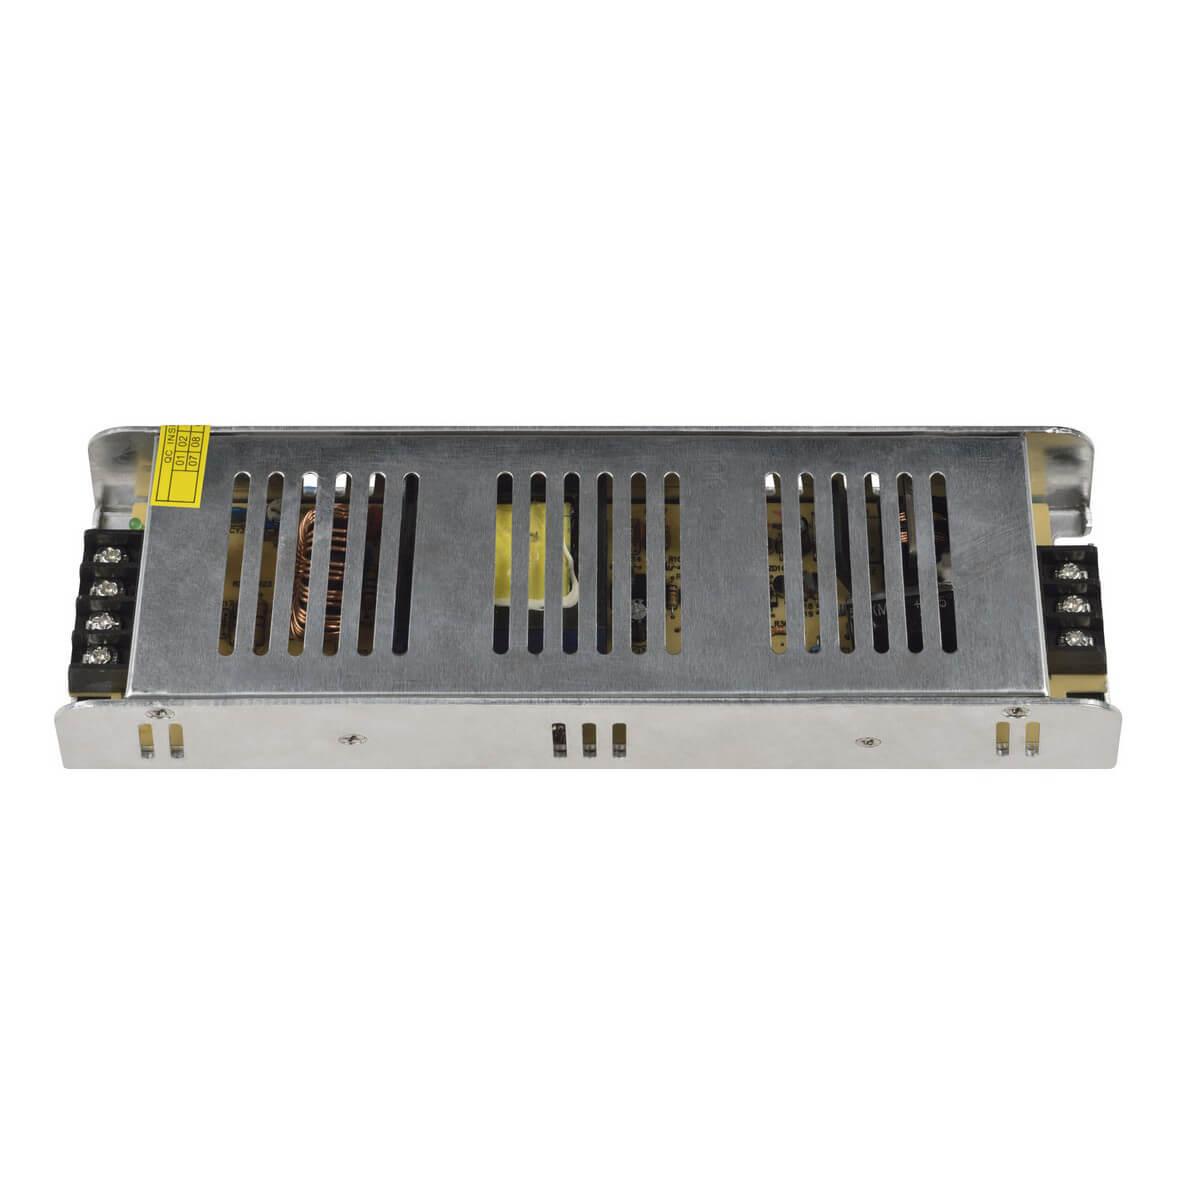 Блок питания (UL-00002432) Uniel UET-VAS-200A20 12V IP20 блок питания ul 00002433 uniel uet vas 200b20